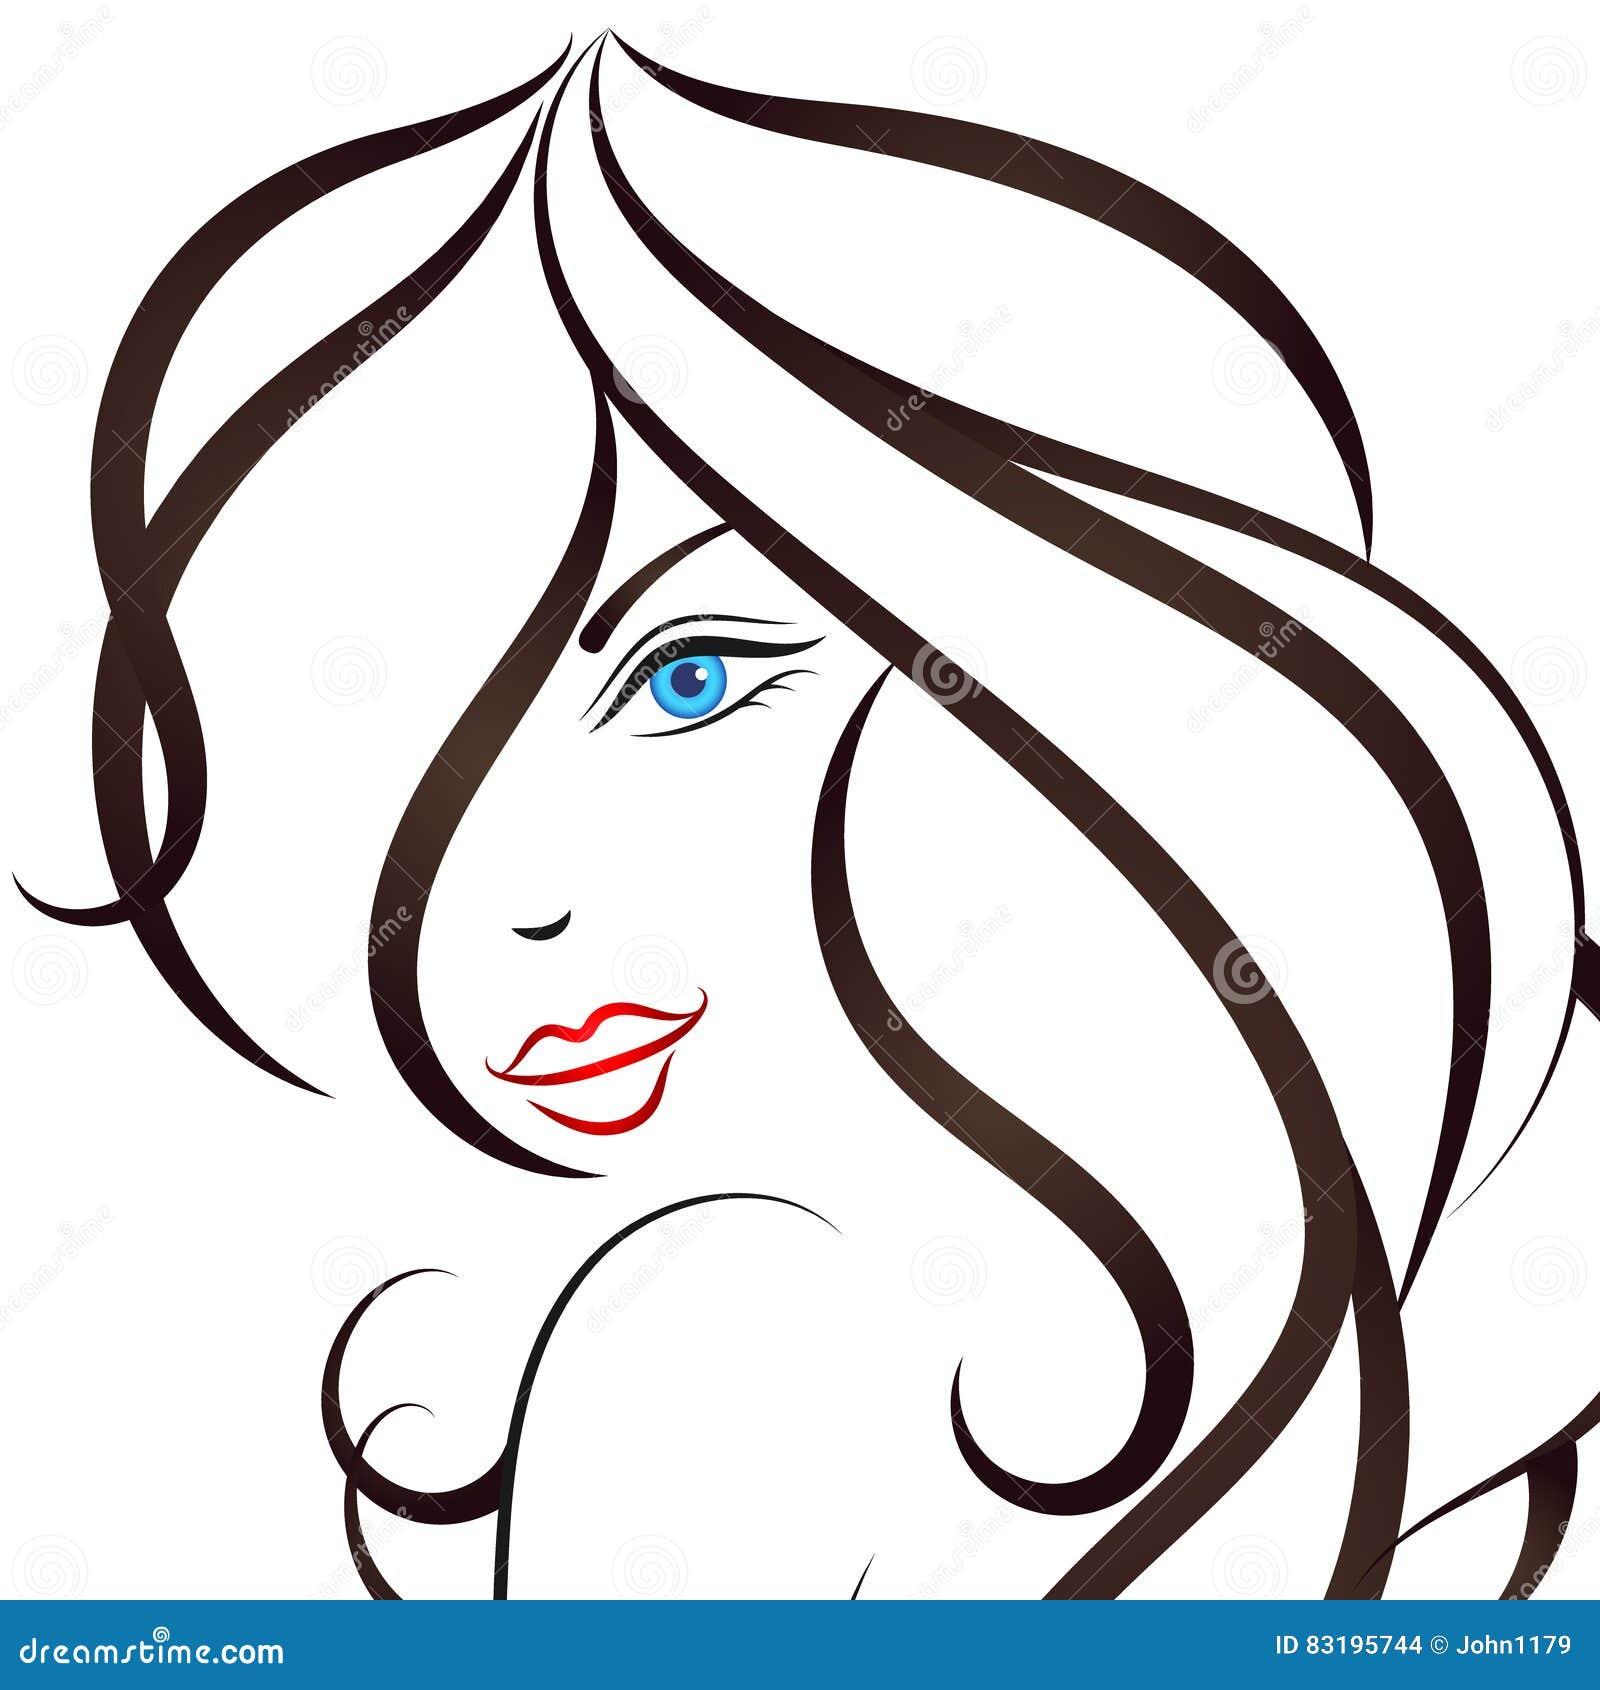 Beauty Free Vector Art  8139 Free Downloads  Vecteezy